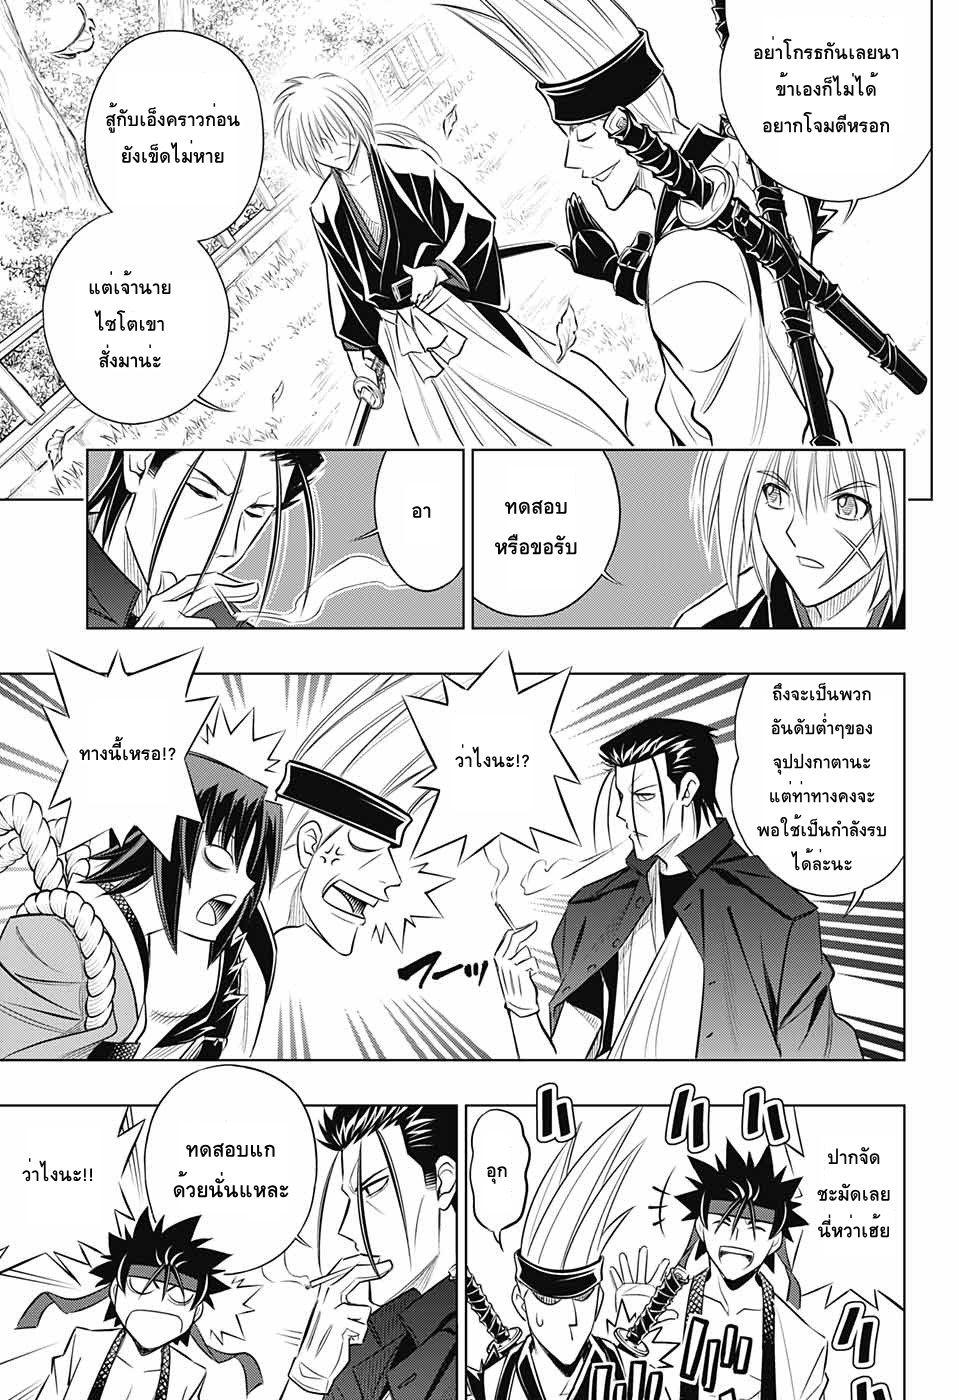 อ่านการ์ตูน Rurouni Kenshin: Hokkaido Arc ตอนที่ 14 หน้าที่ 11